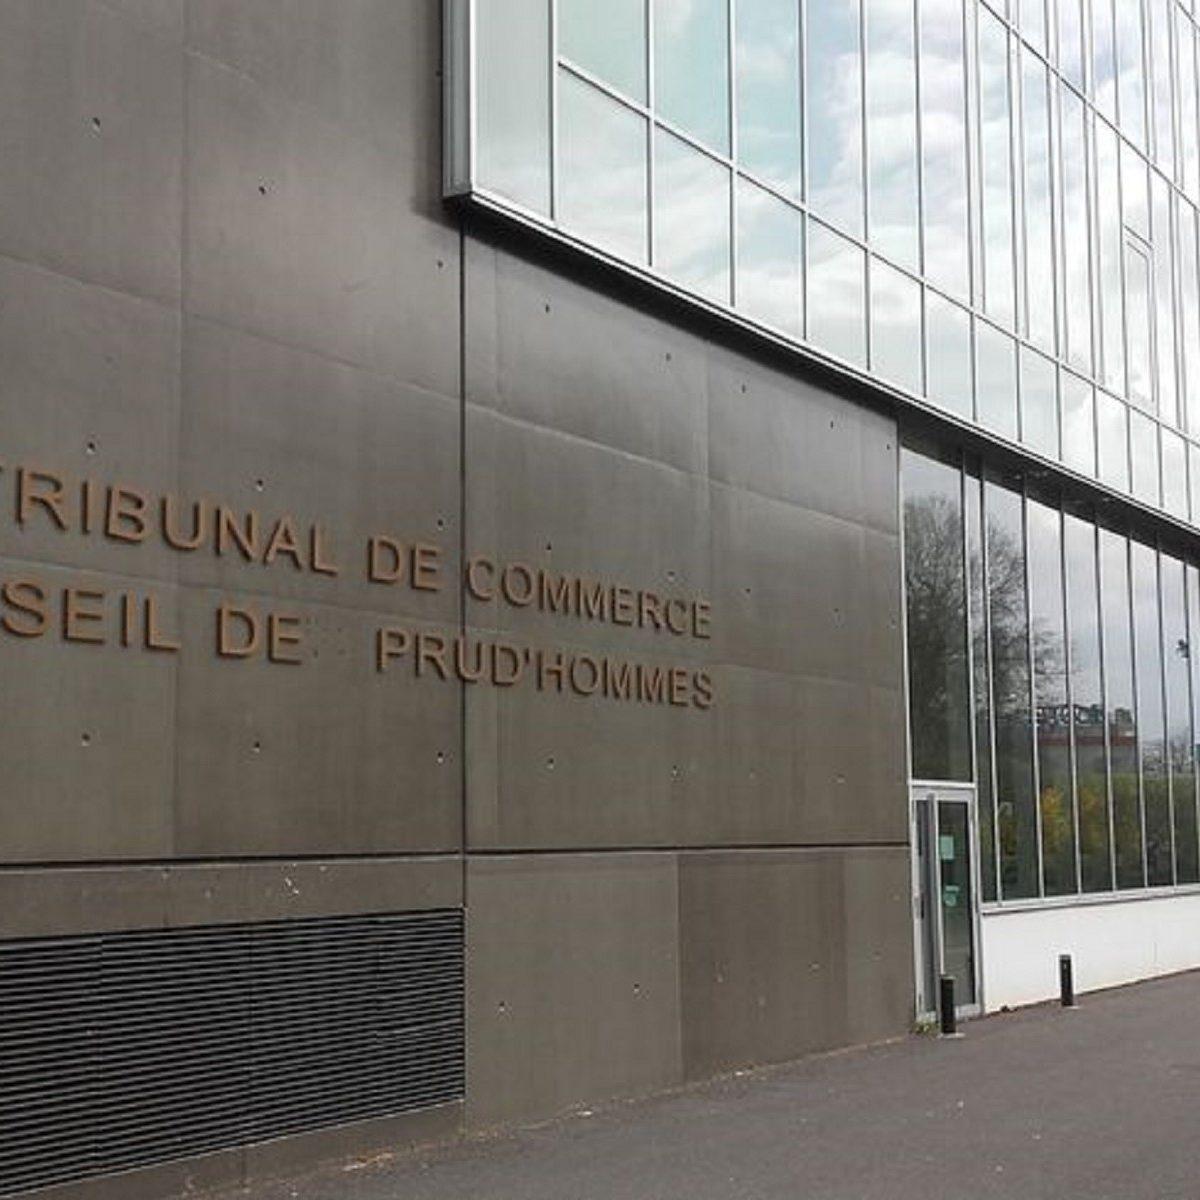 Tribunal de commerce de Bobigny